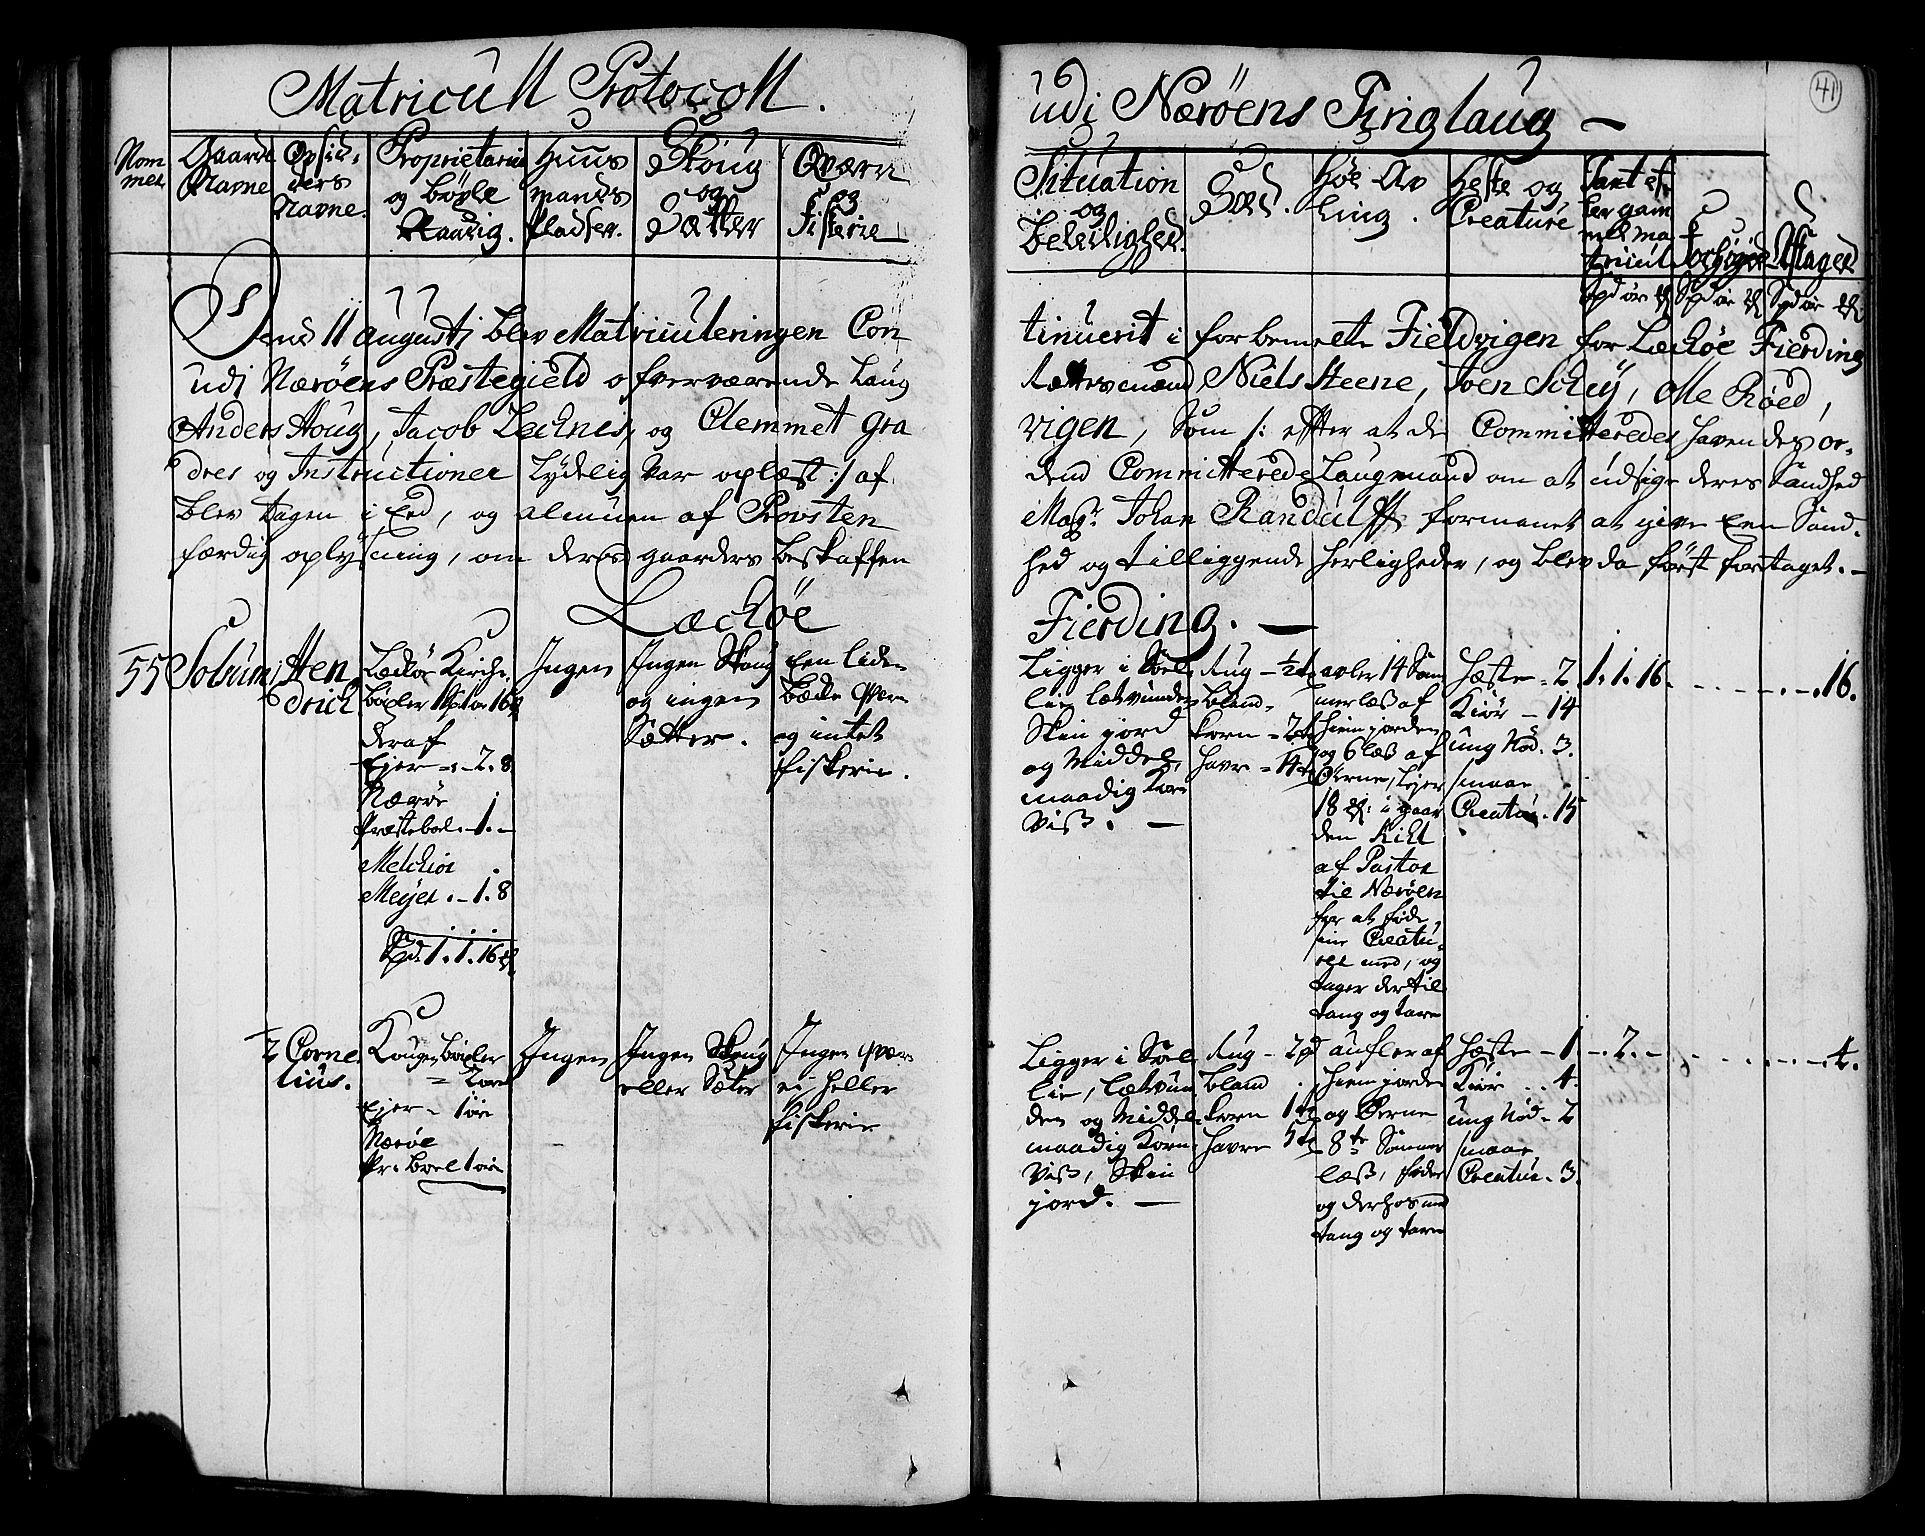 RA, Rentekammeret inntil 1814, Realistisk ordnet avdeling, N/Nb/Nbf/L0168: Namdalen eksaminasjonsprotokoll, 1723, s. 40b-41a